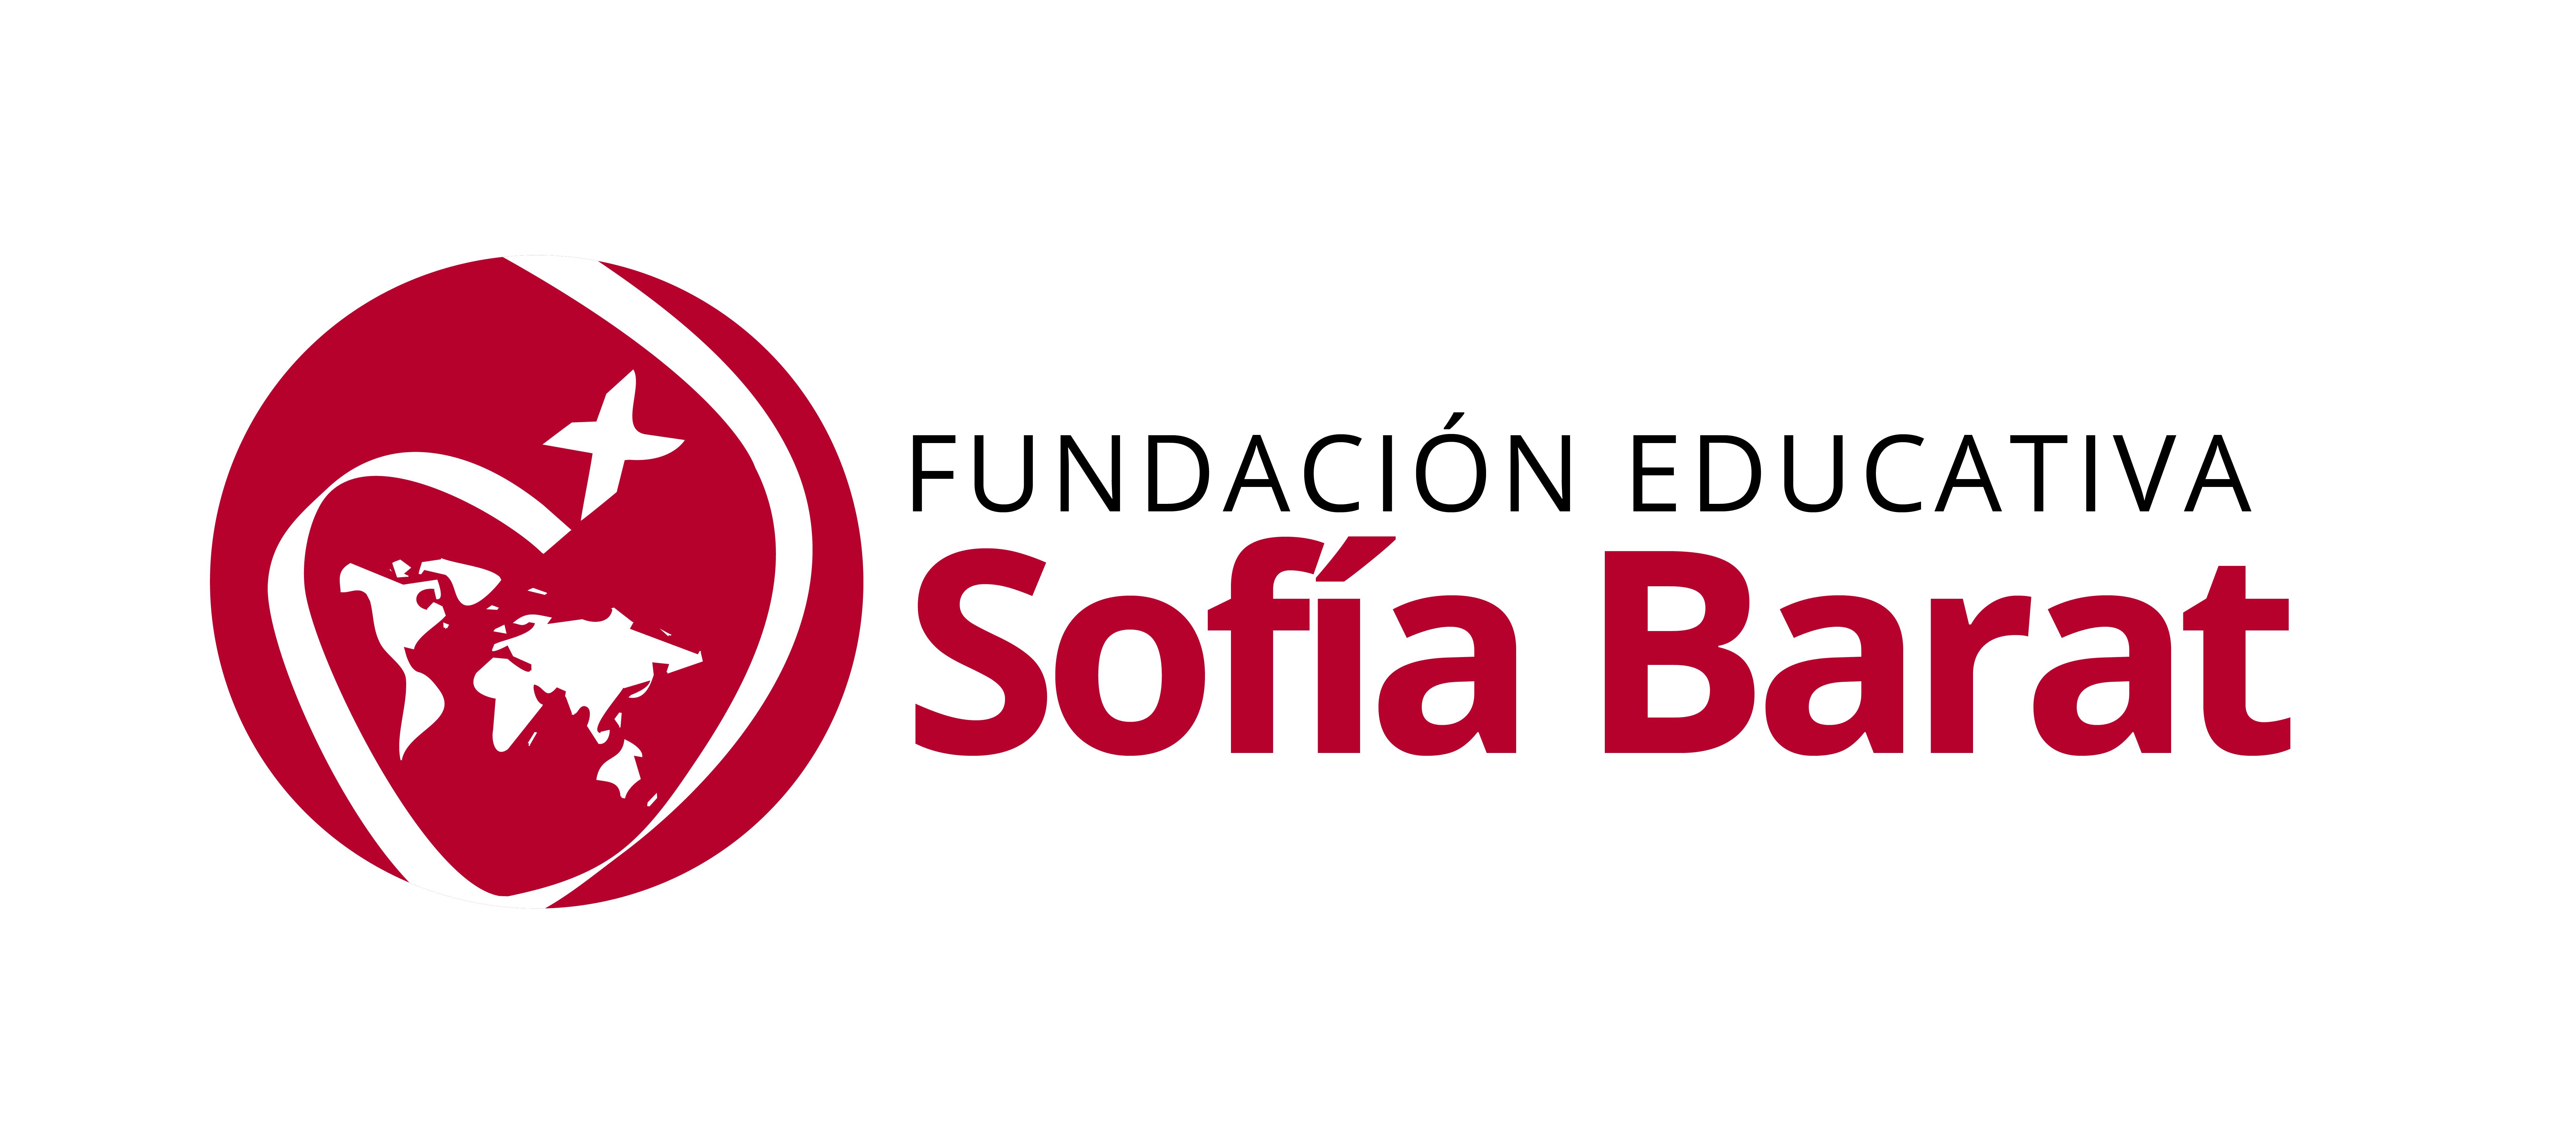 Fundación Educativa Sofía Barat rscj